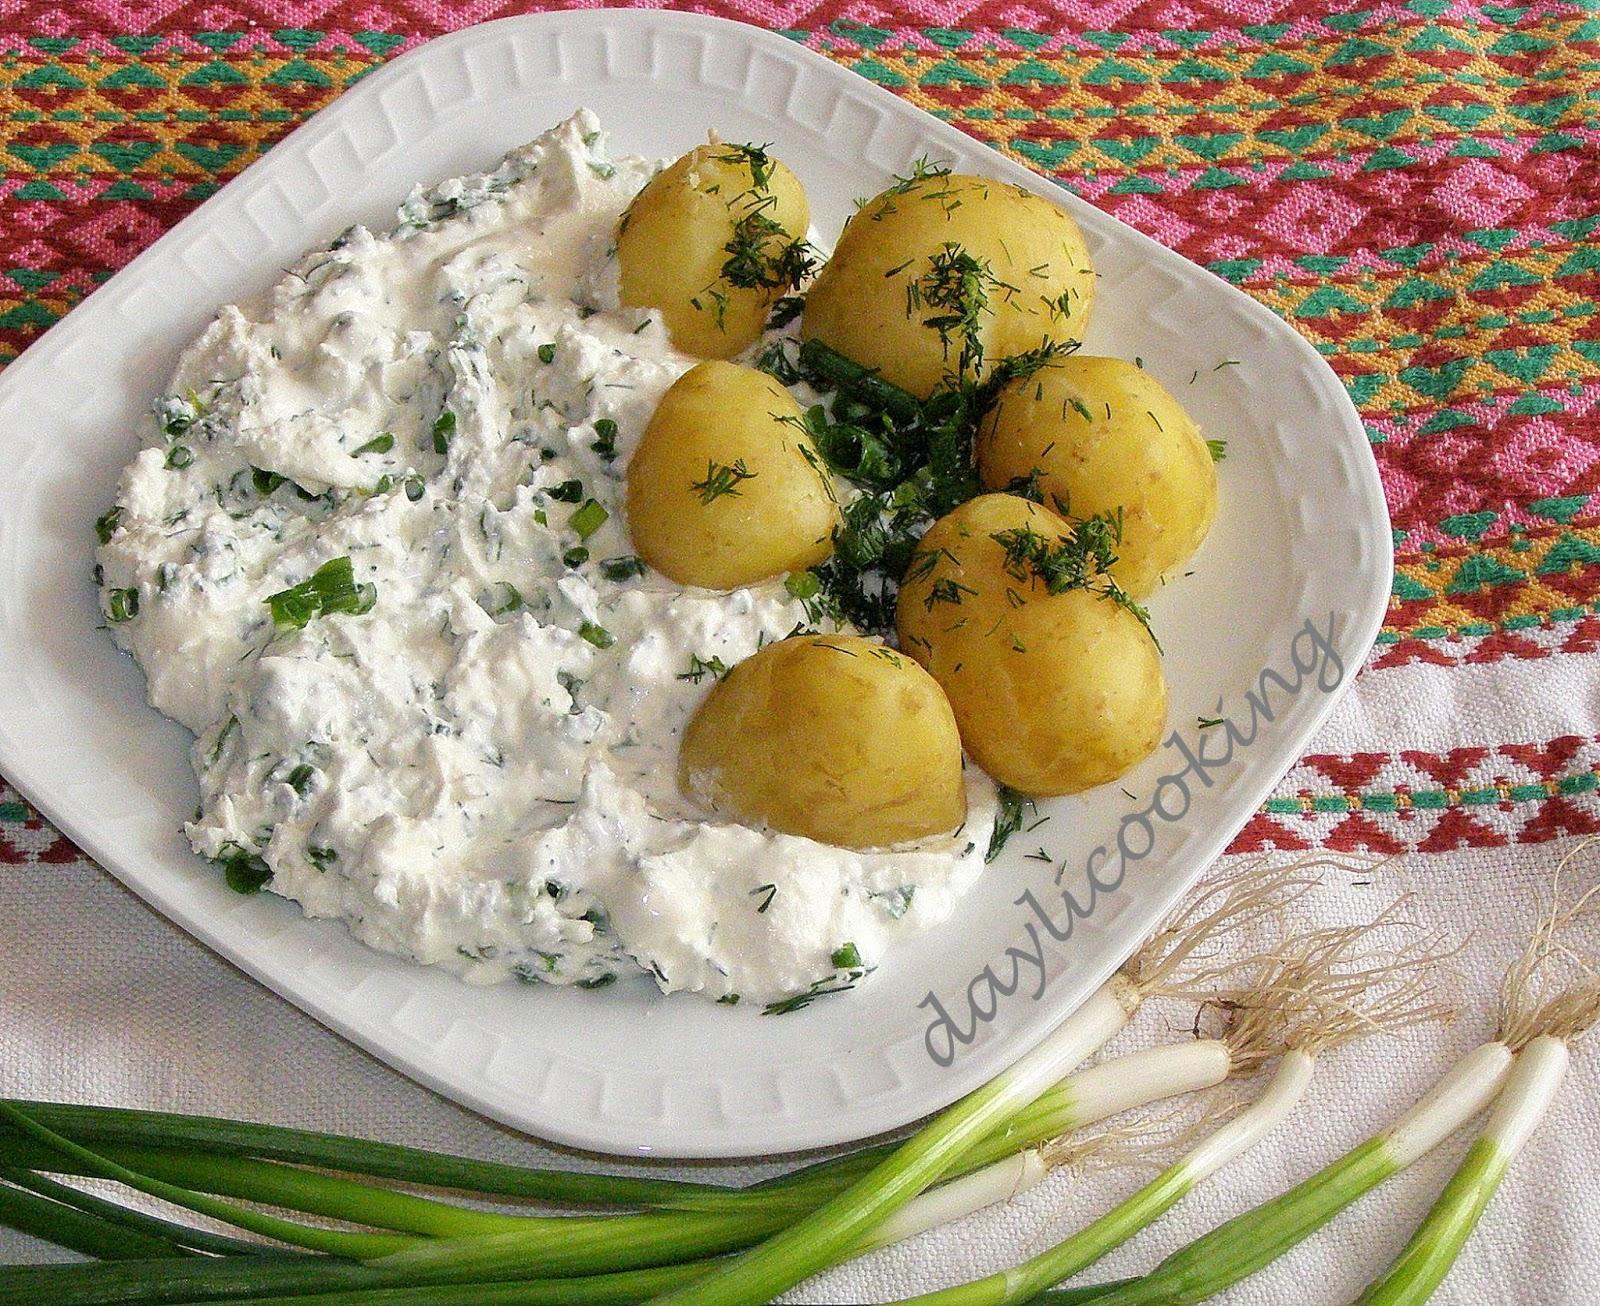 wielkopolskie regionalne danie, ziemniaki z twarożkiem, daylicooking